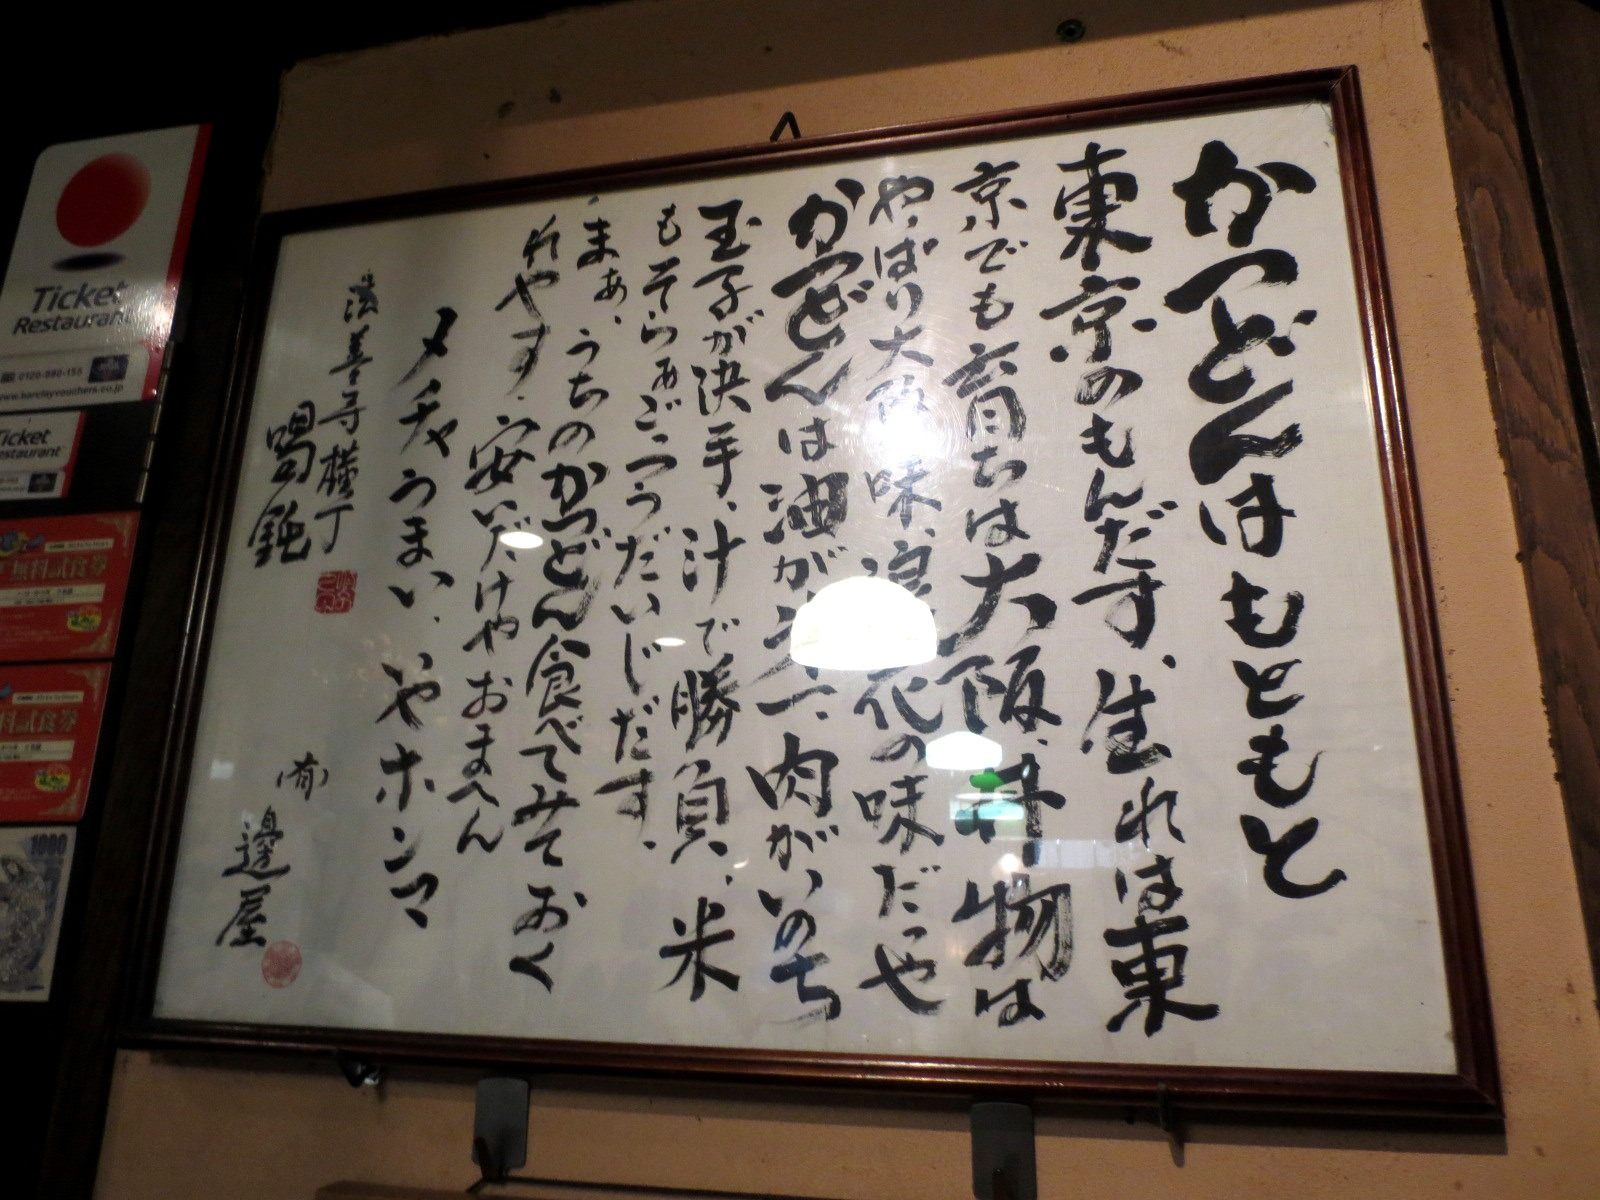 A Message Encouraging You to Eat Delicious Katsudon